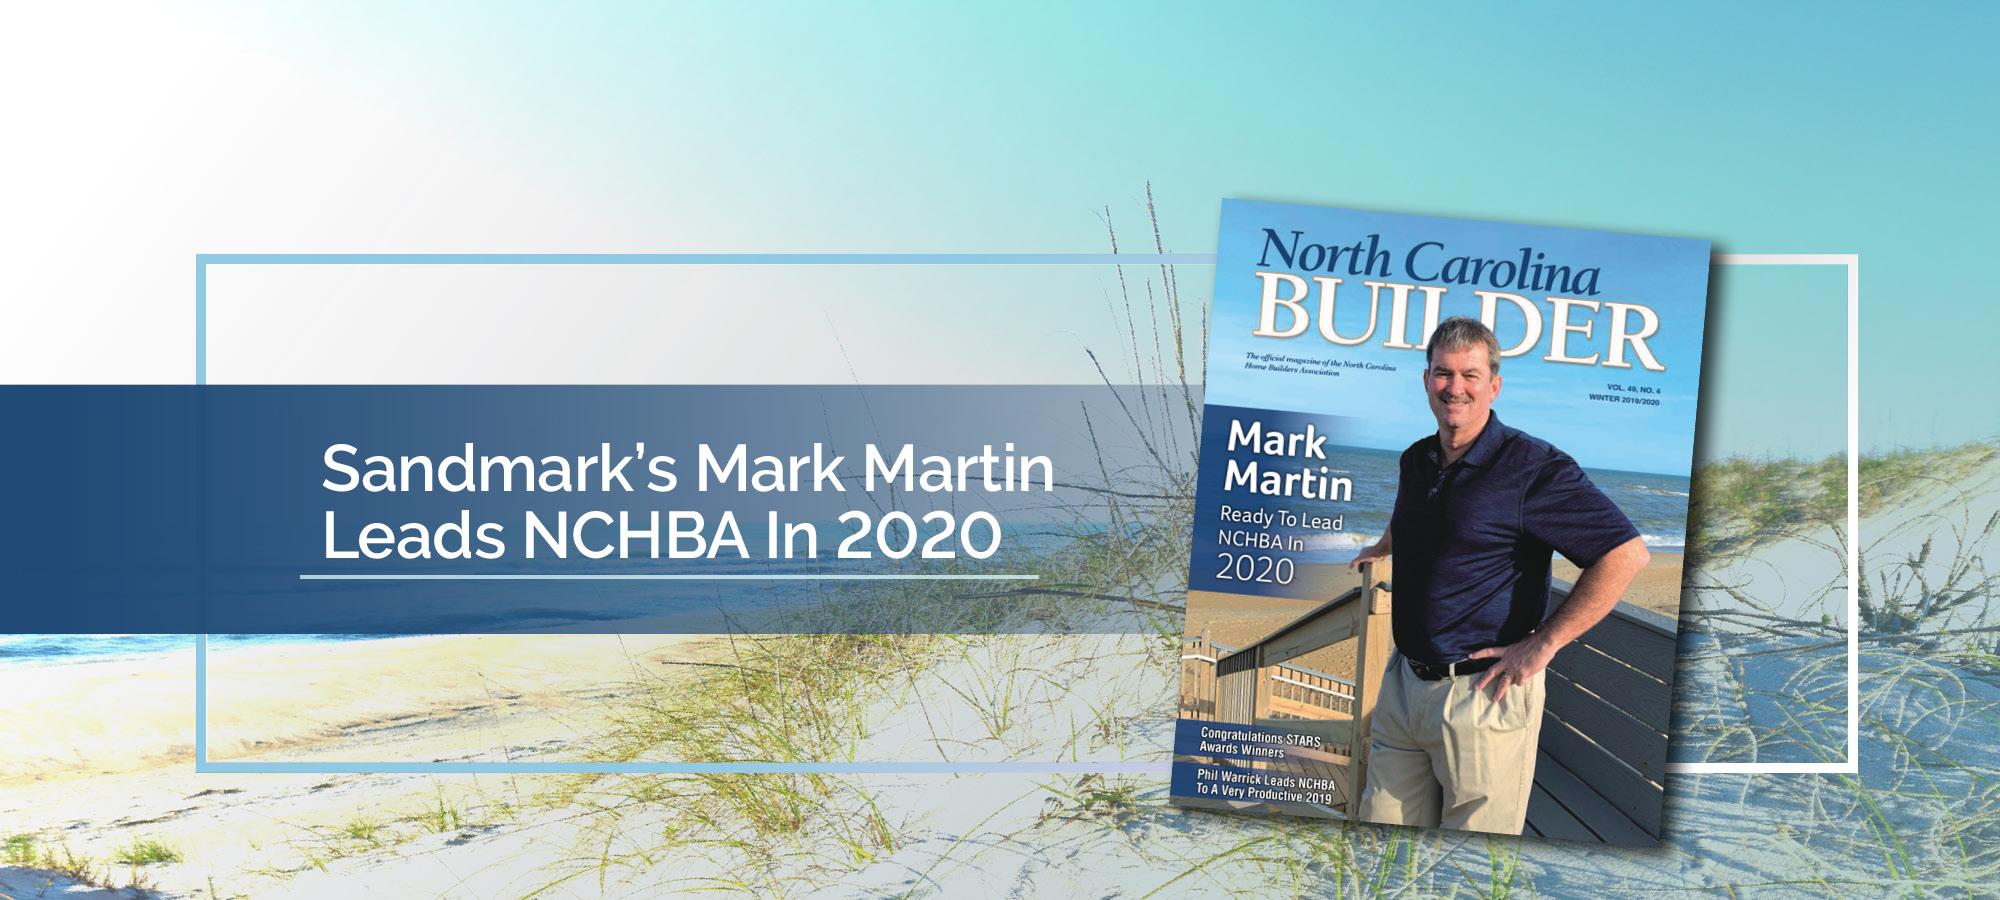 Mark Martin NCHBA President